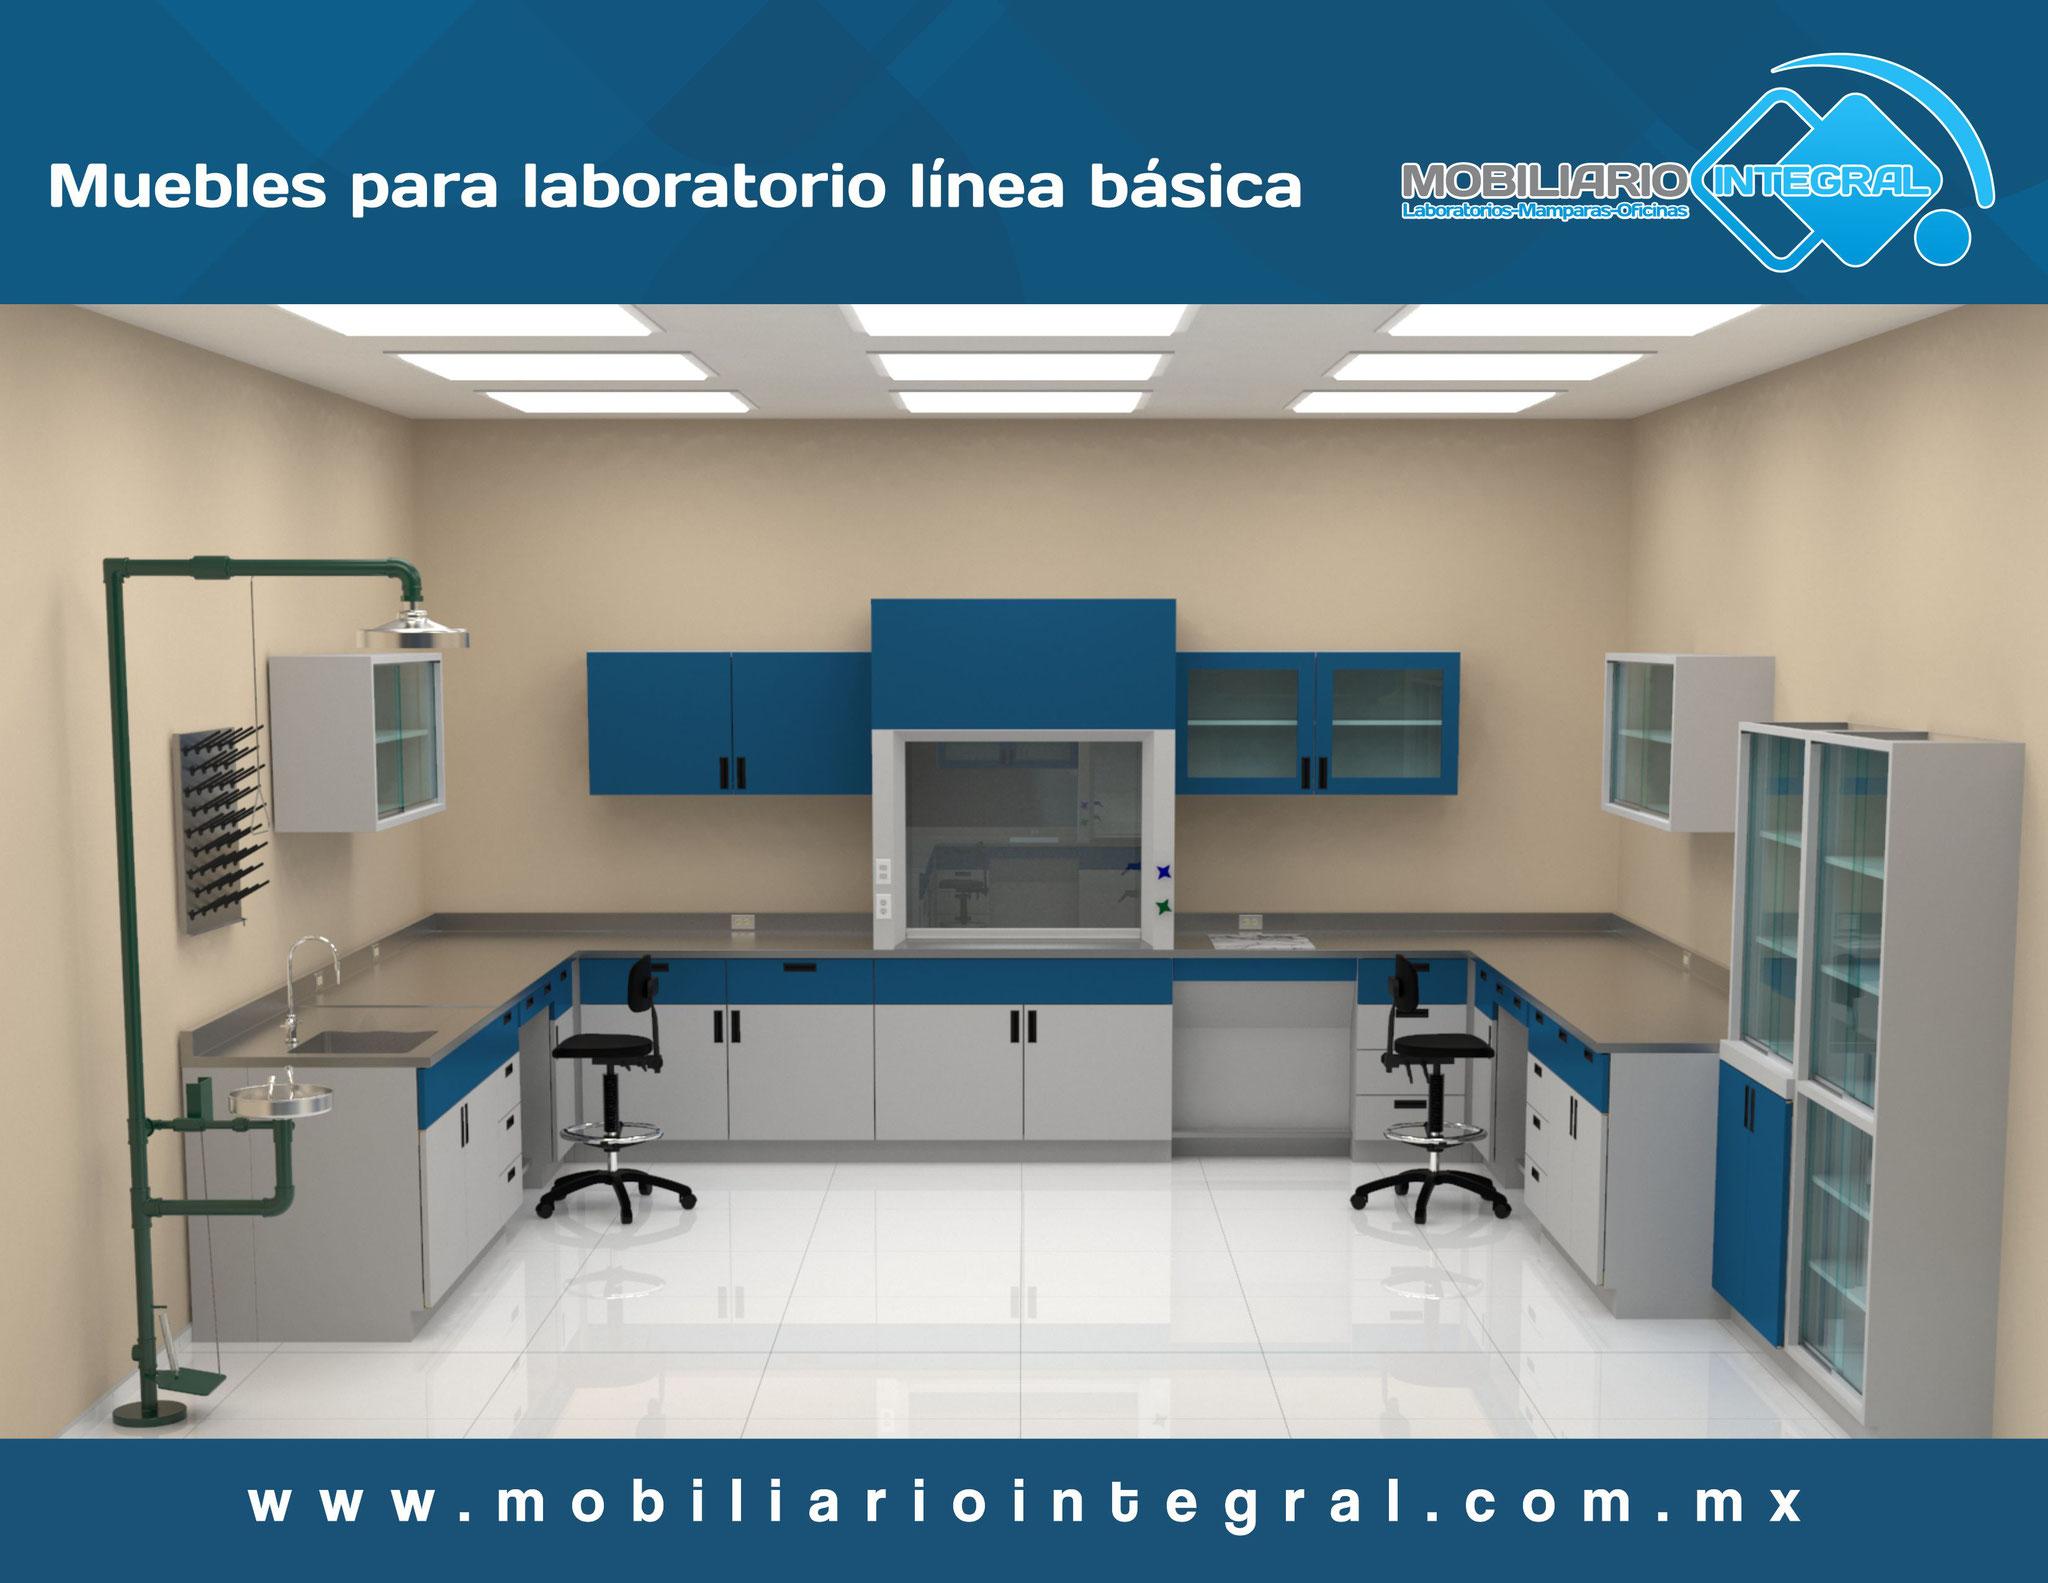 Muebles para laboratorio en Tlalnepantla